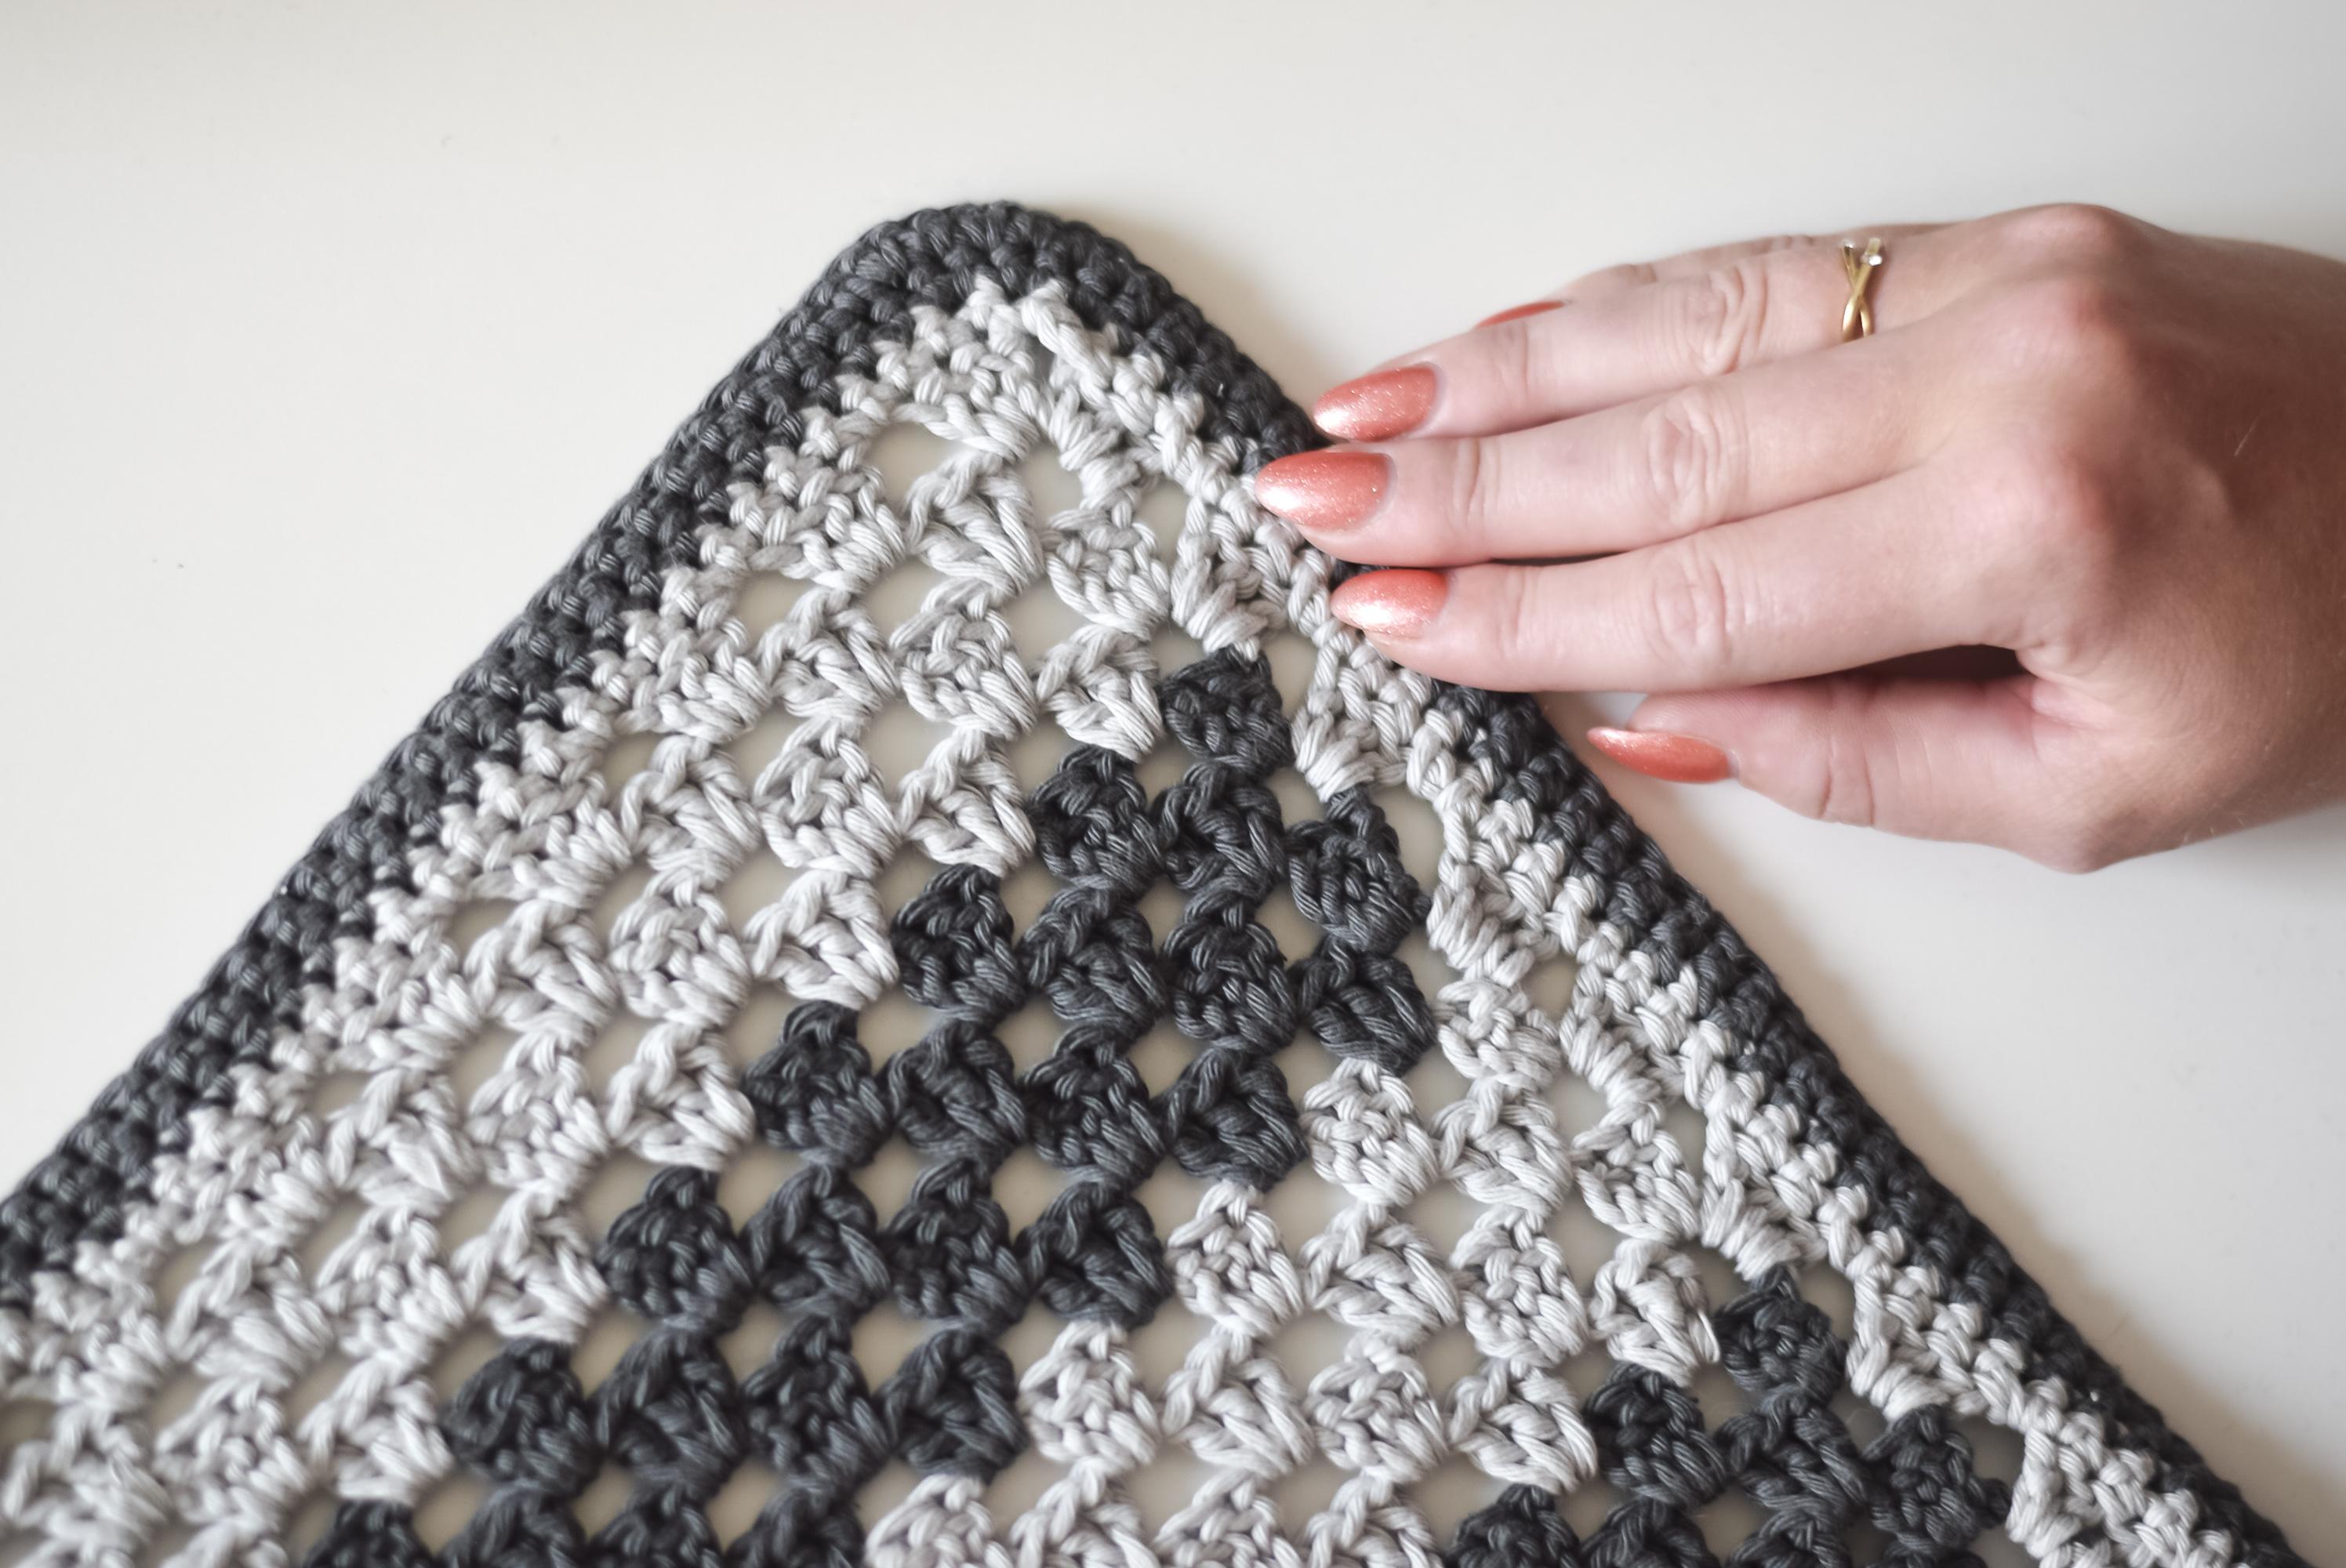 nemt hæklet tæppe